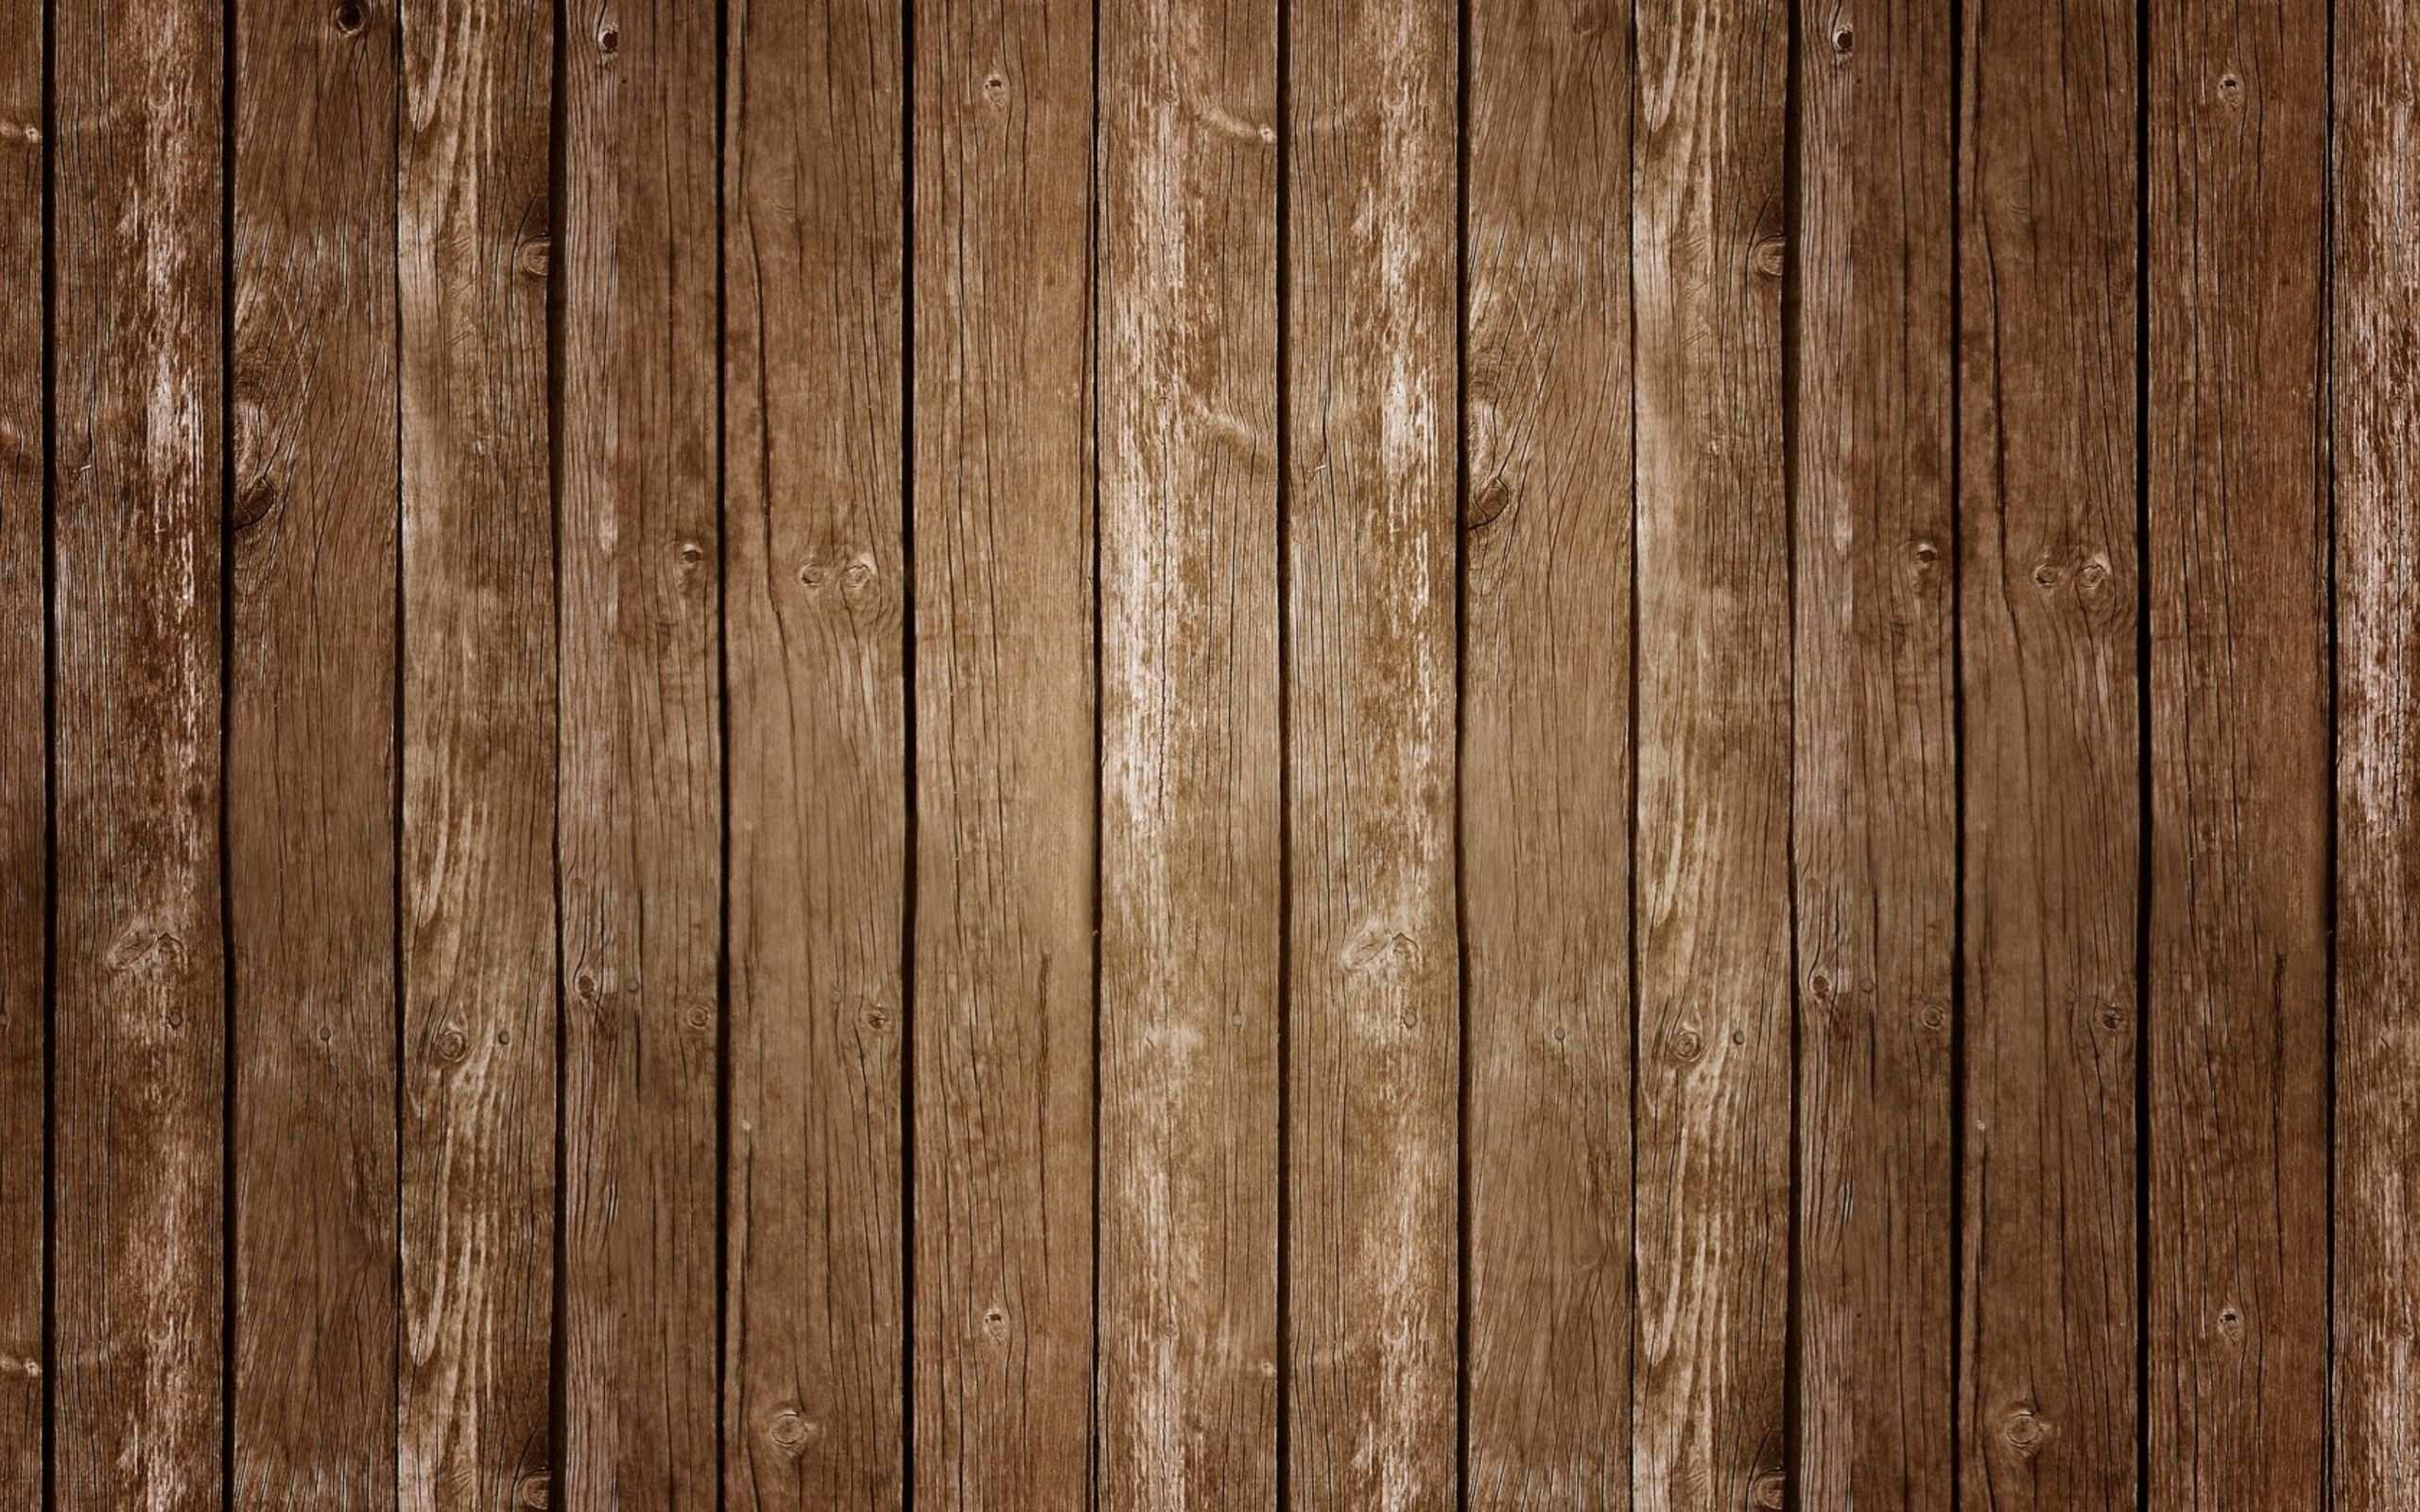 Muster Holz Hintergrundbild Holz Hintergrundbild Holz Textur Holz Wallpaper